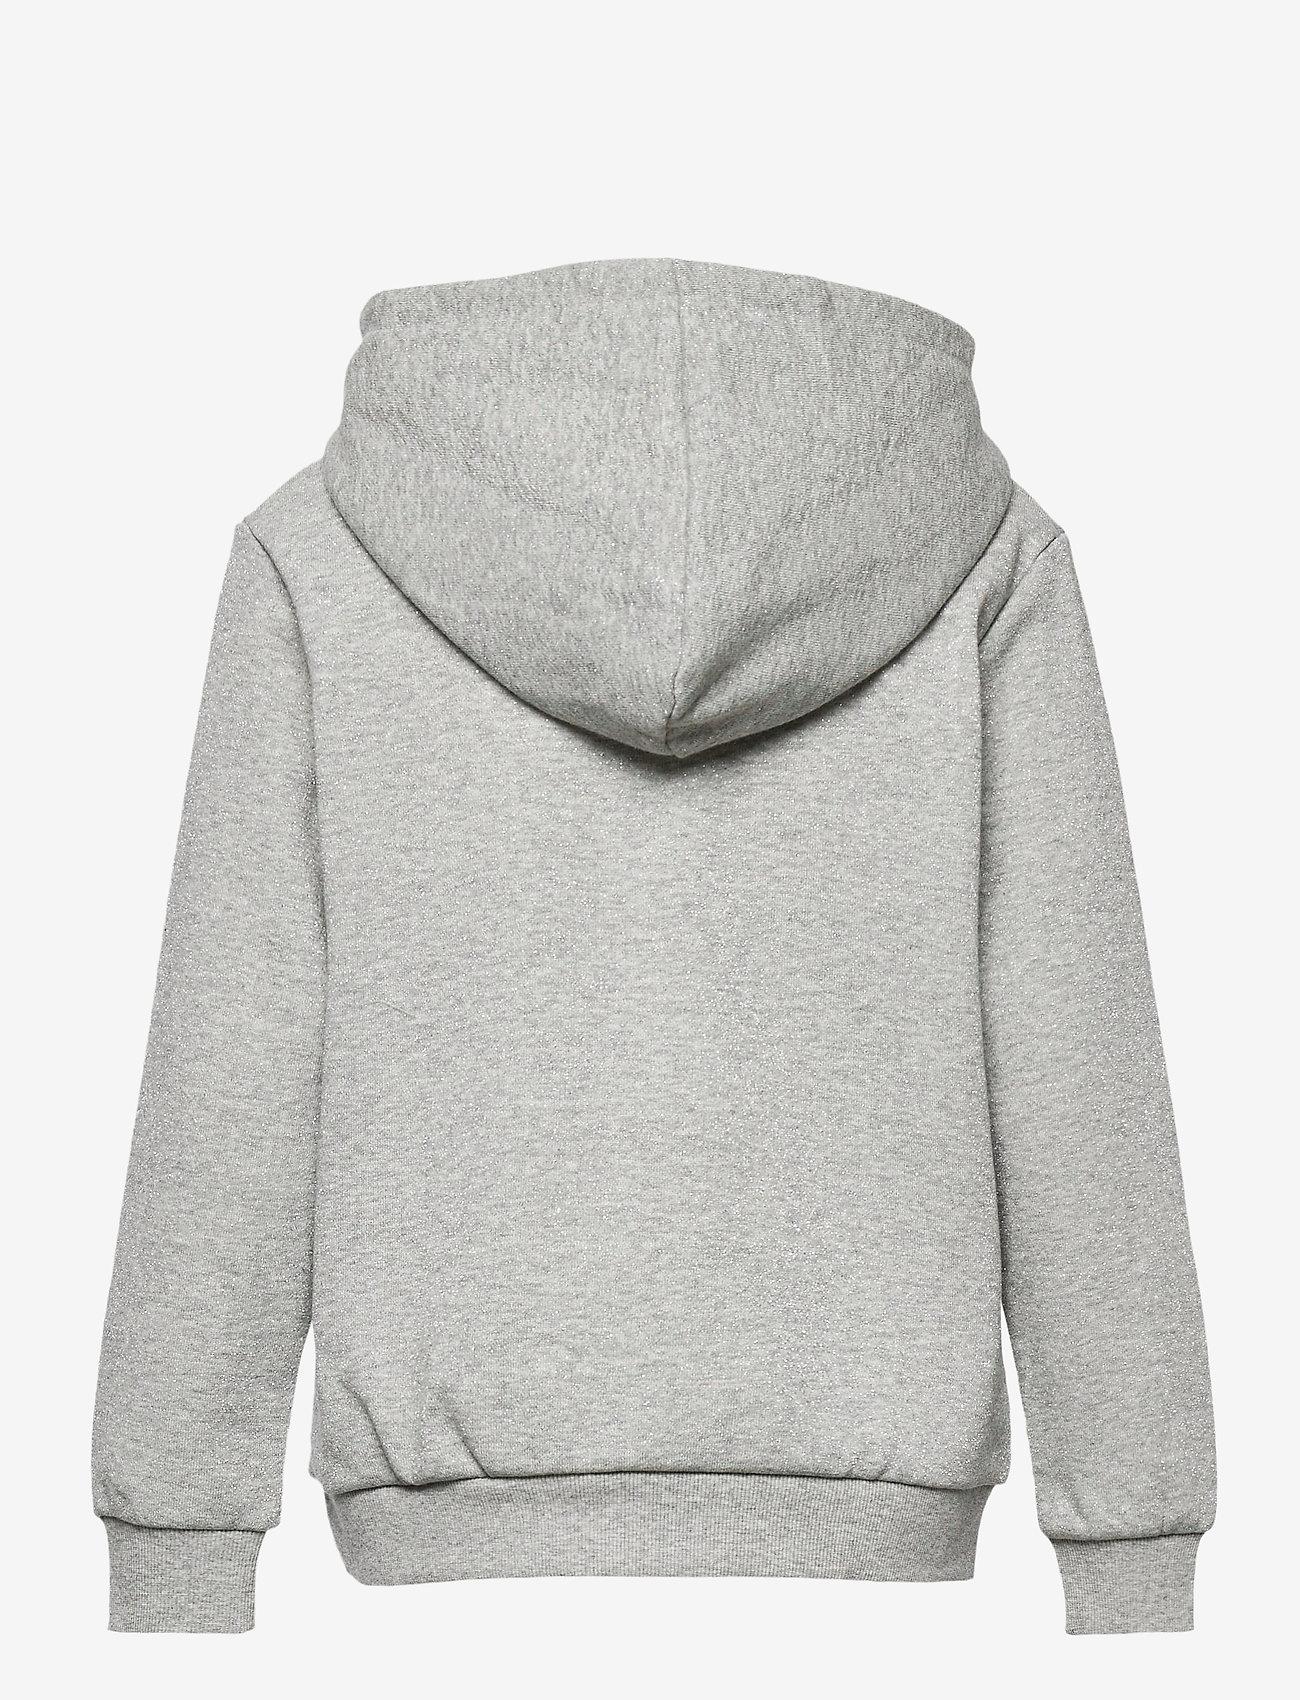 Petit by Sofie Schnoor - Sweat - hoodies - grey melange - 1